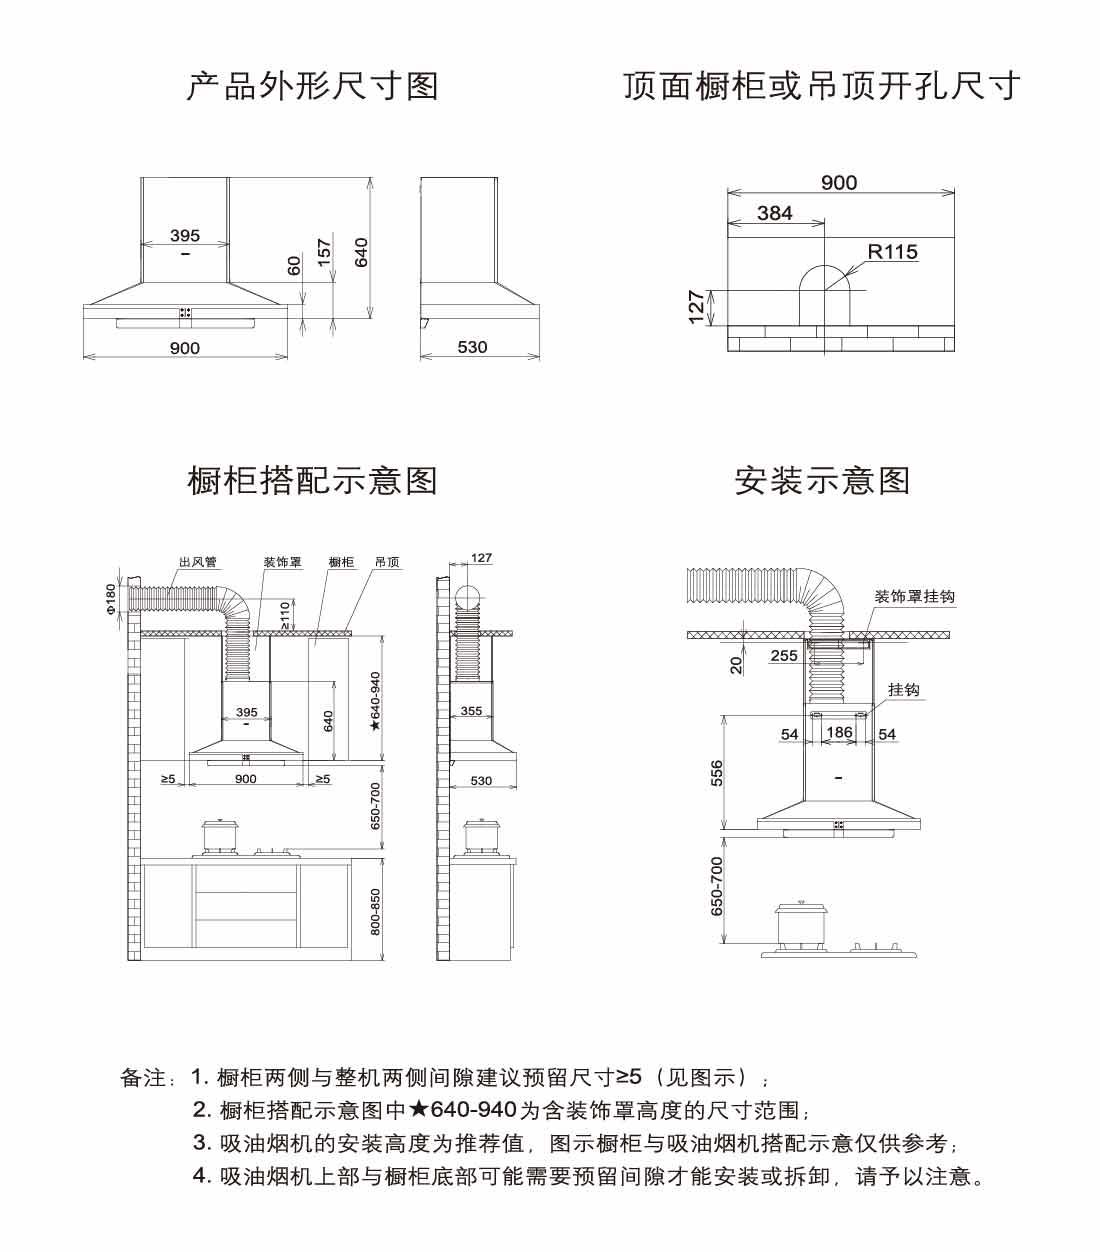 彩28彩票CXW-200-EM11T装置表示图